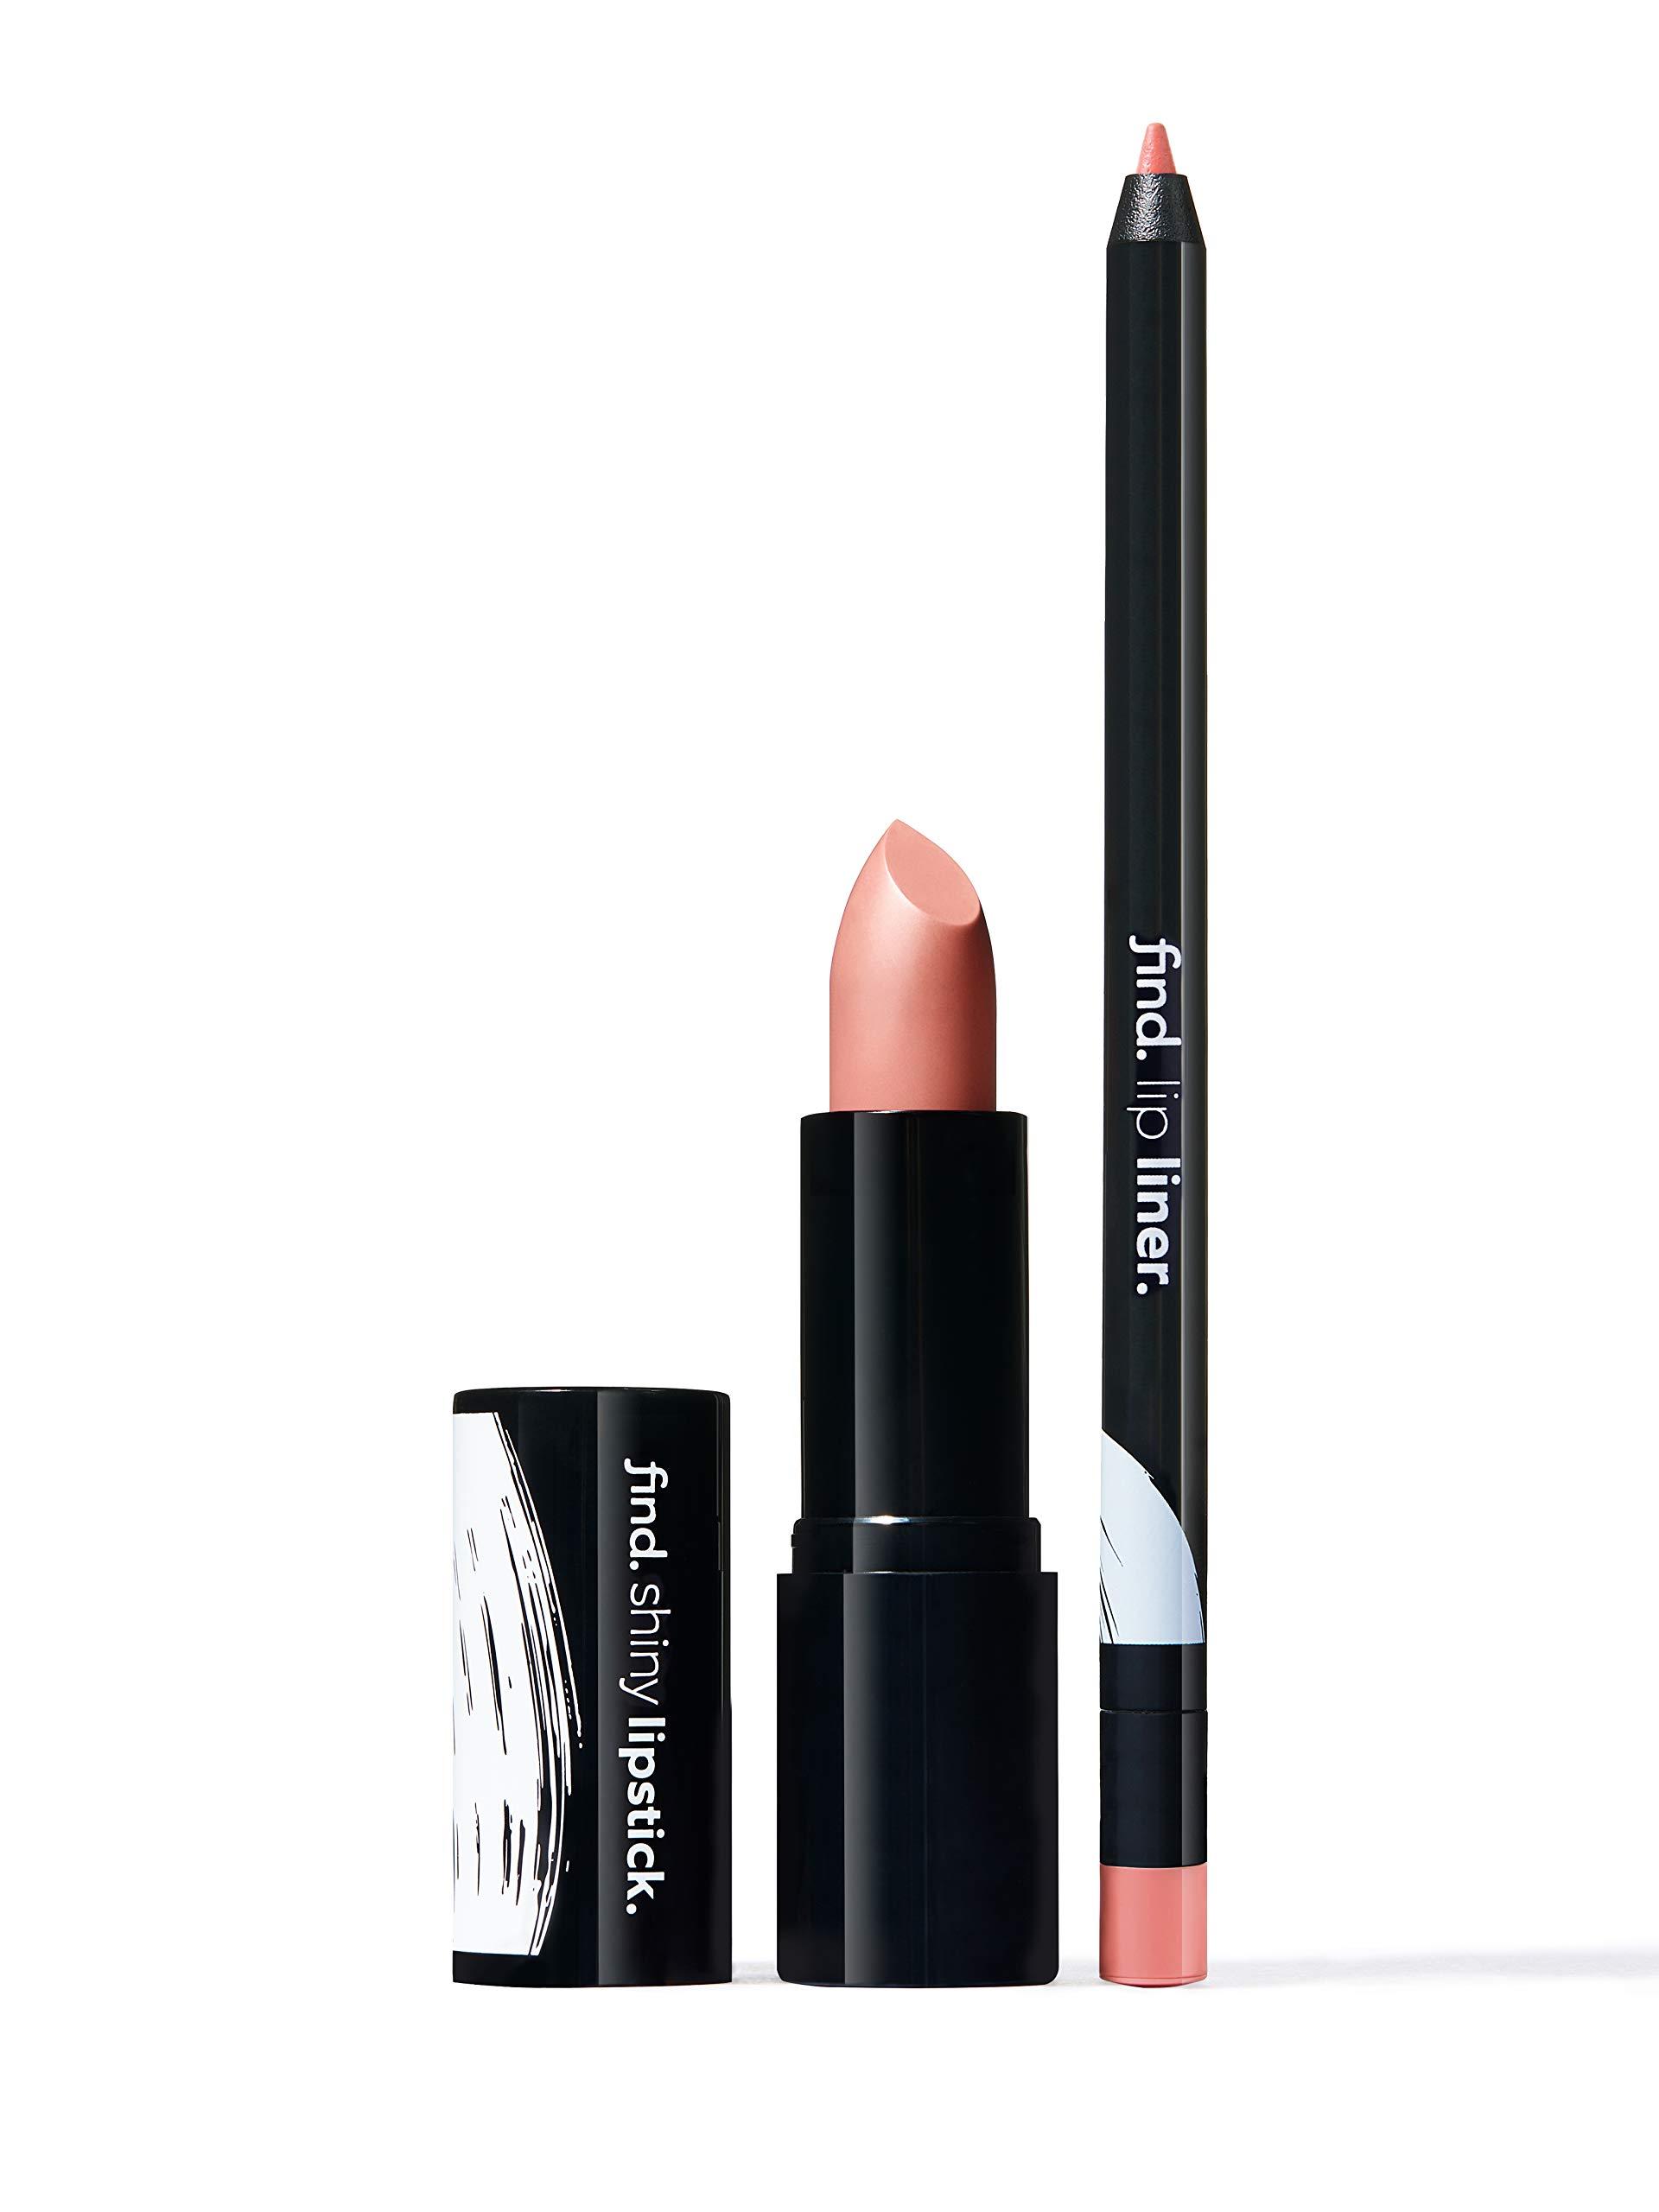 FIND - Warm Brownie (Barra de labios brillante n.2 + Perfilador de labios